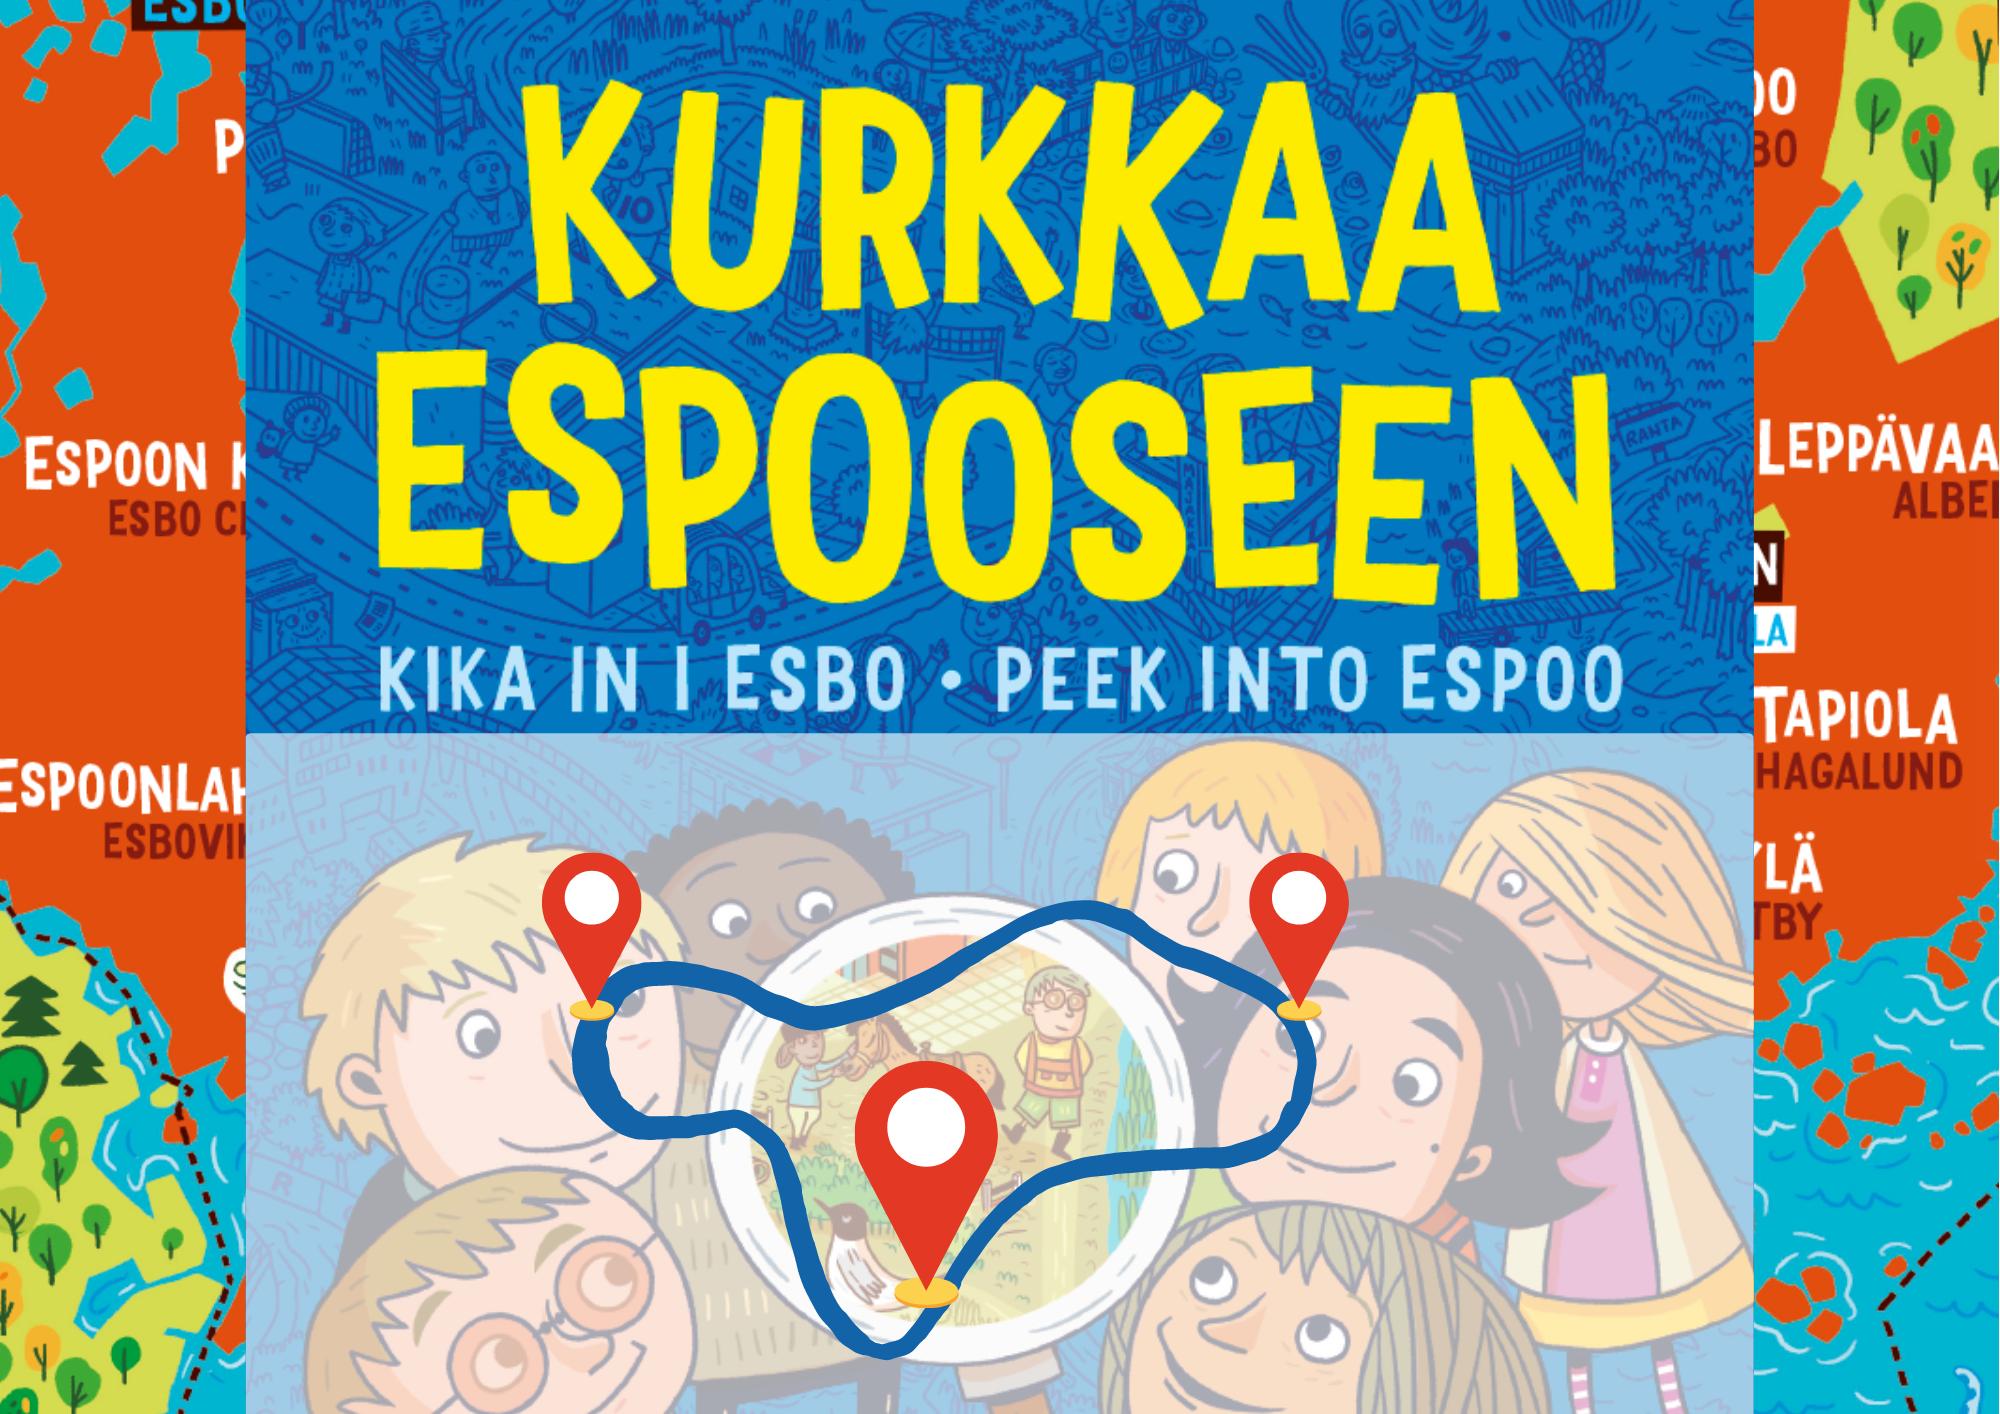 Peek into Espoo Routes